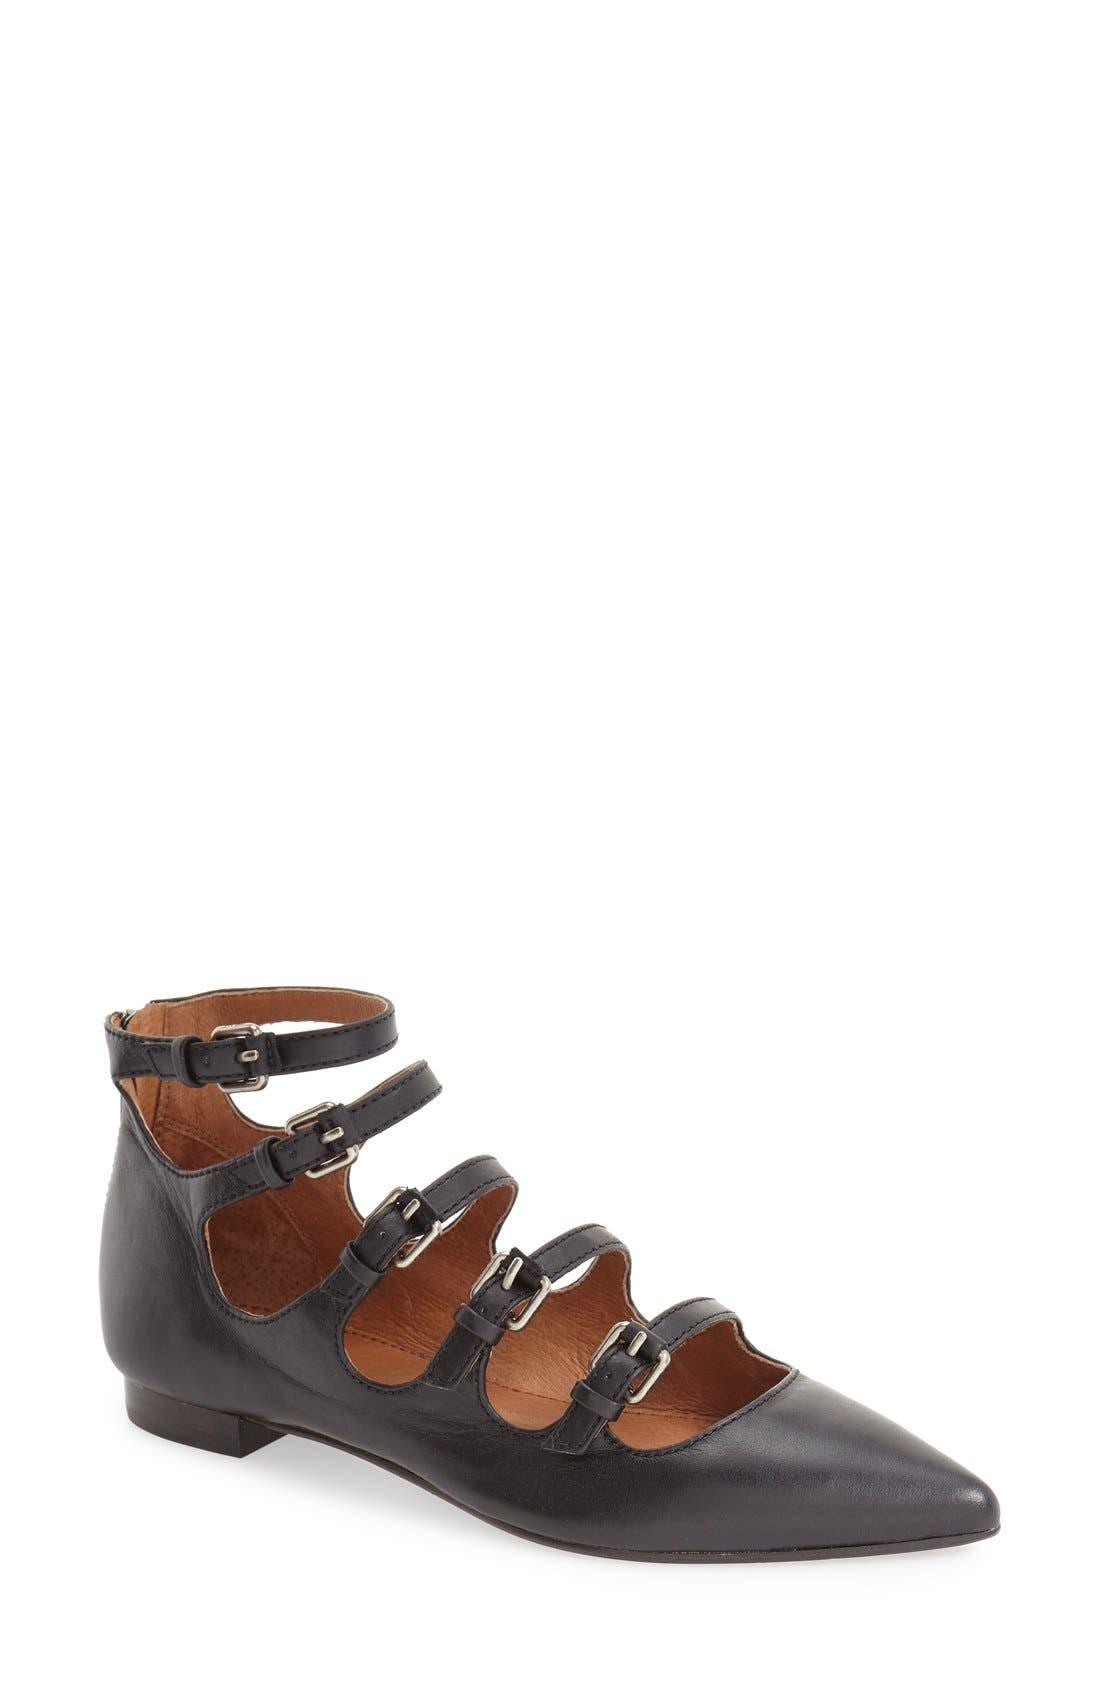 Frye 'Sienna' Pointy Toe Buckle Strap Flat (Women)